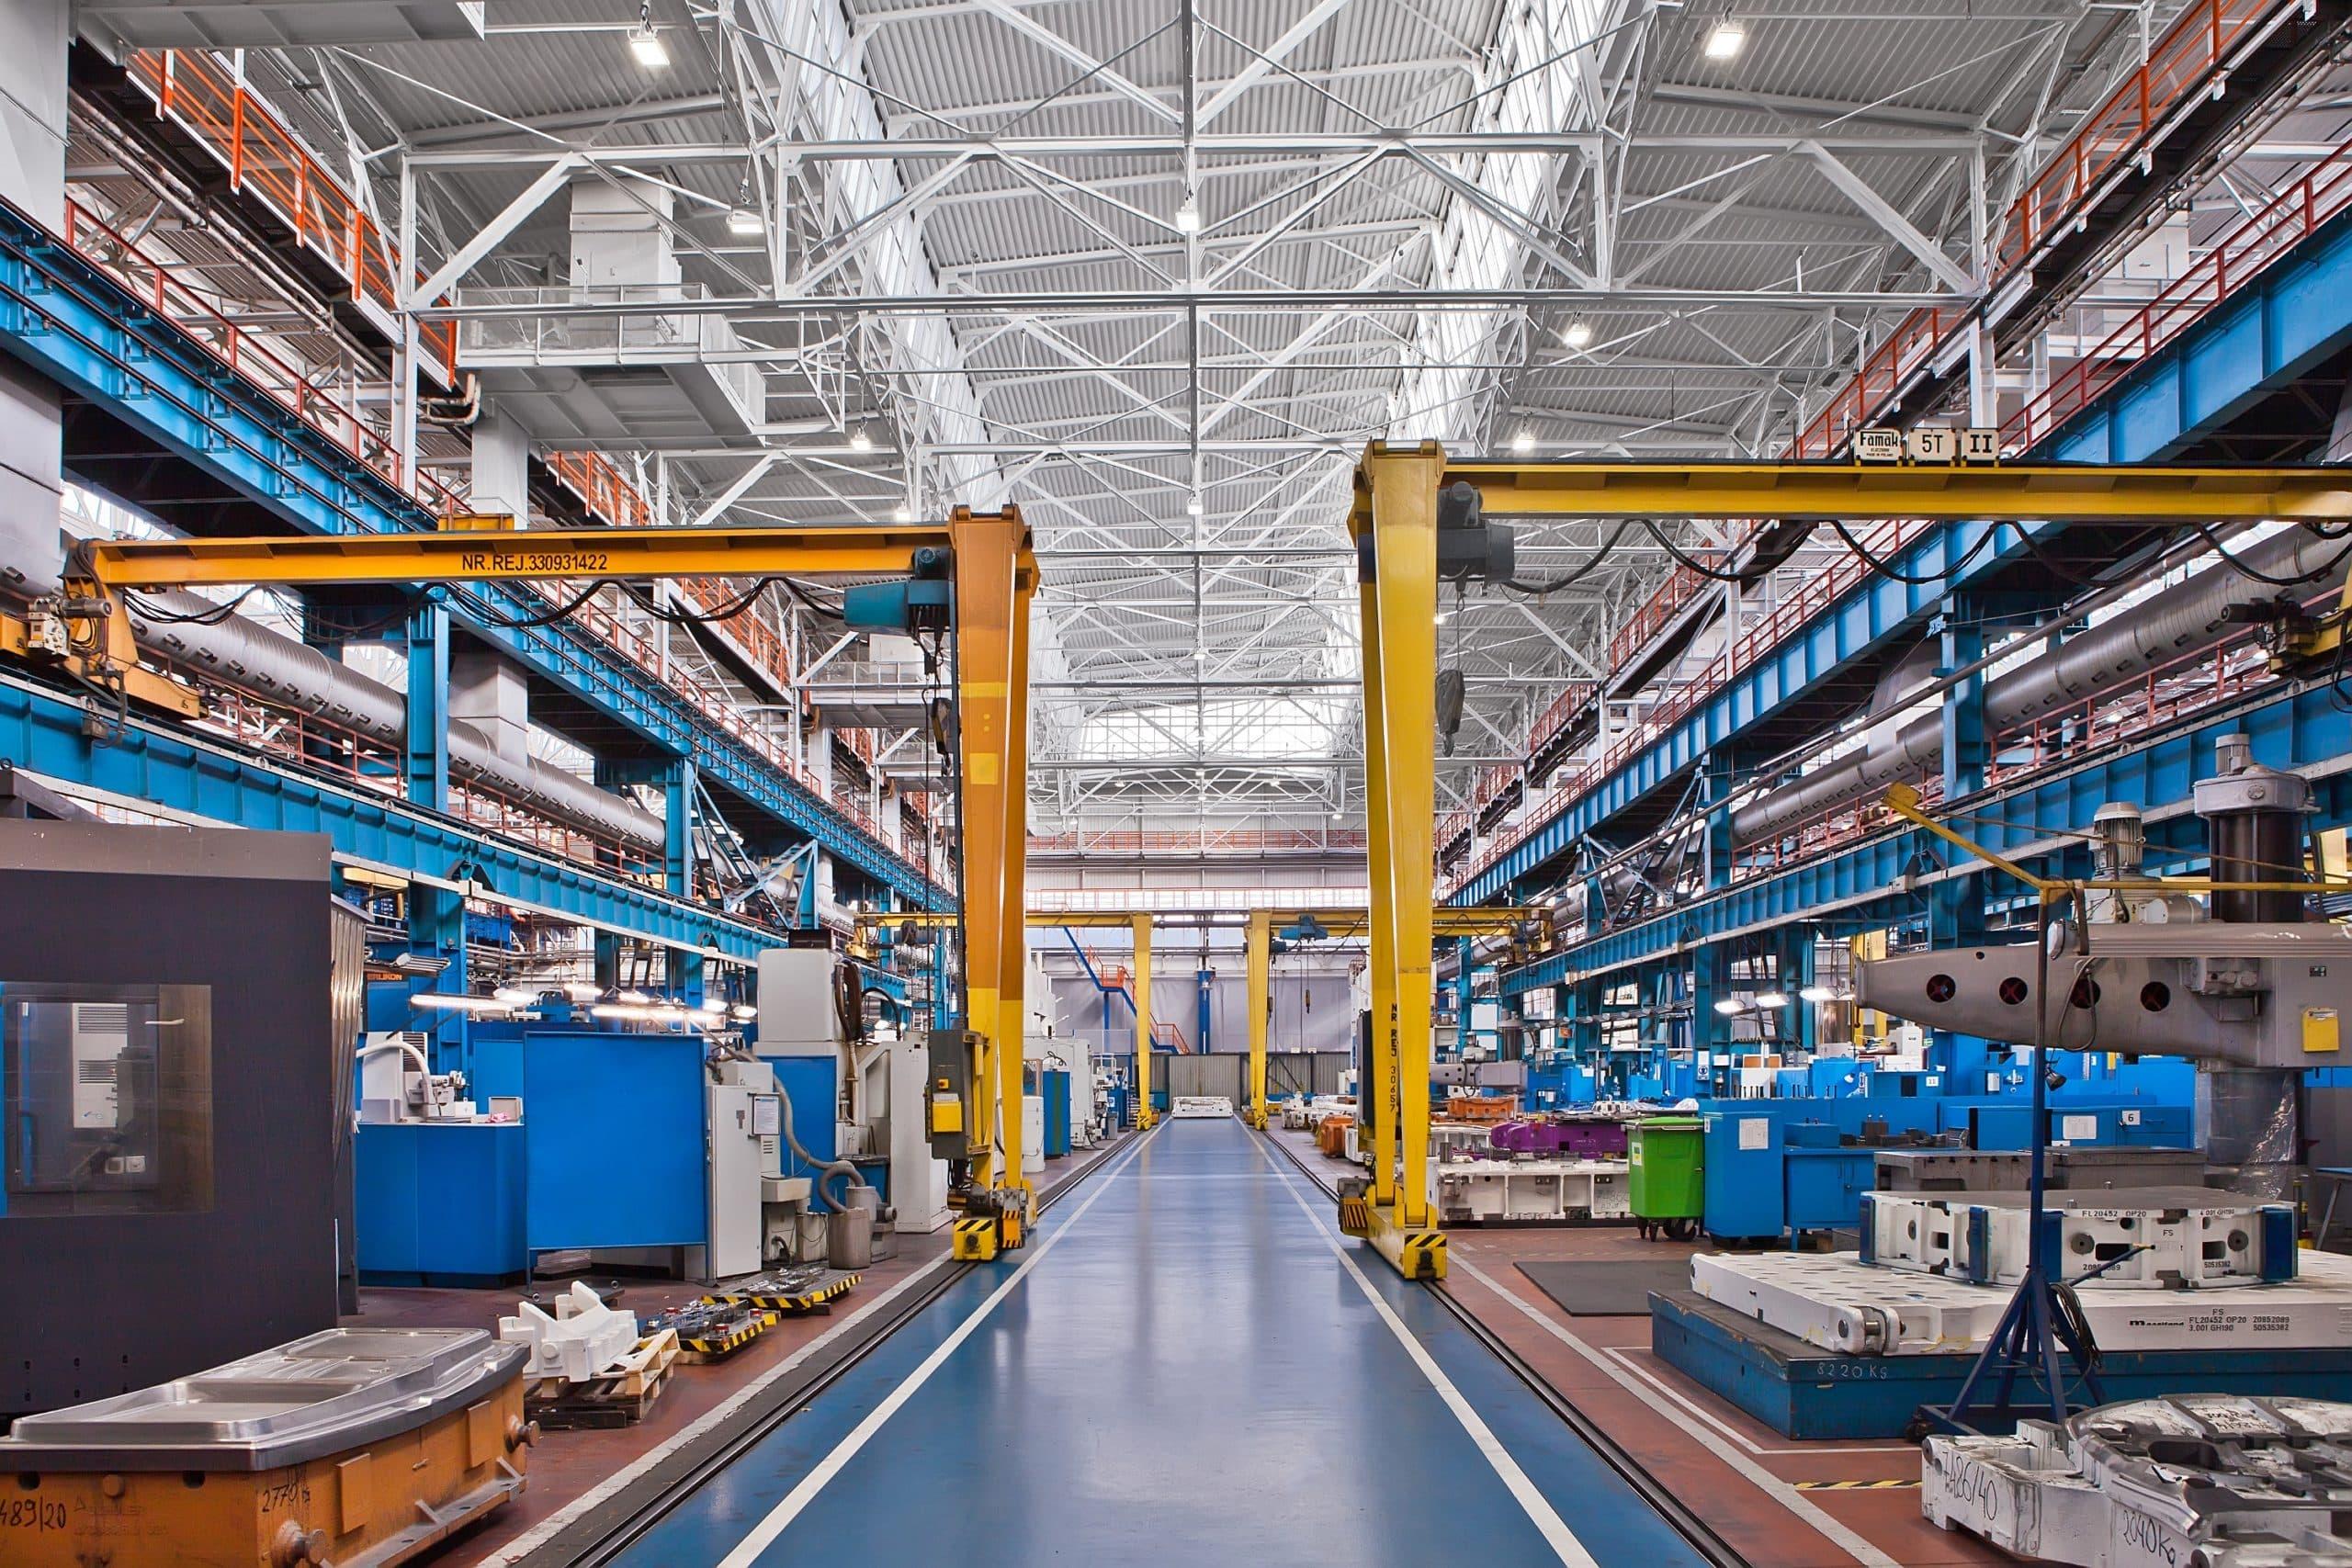 Oprawy przemysłowe Highbay w hali produkcyjnej firmy Fiat - Luxon LED